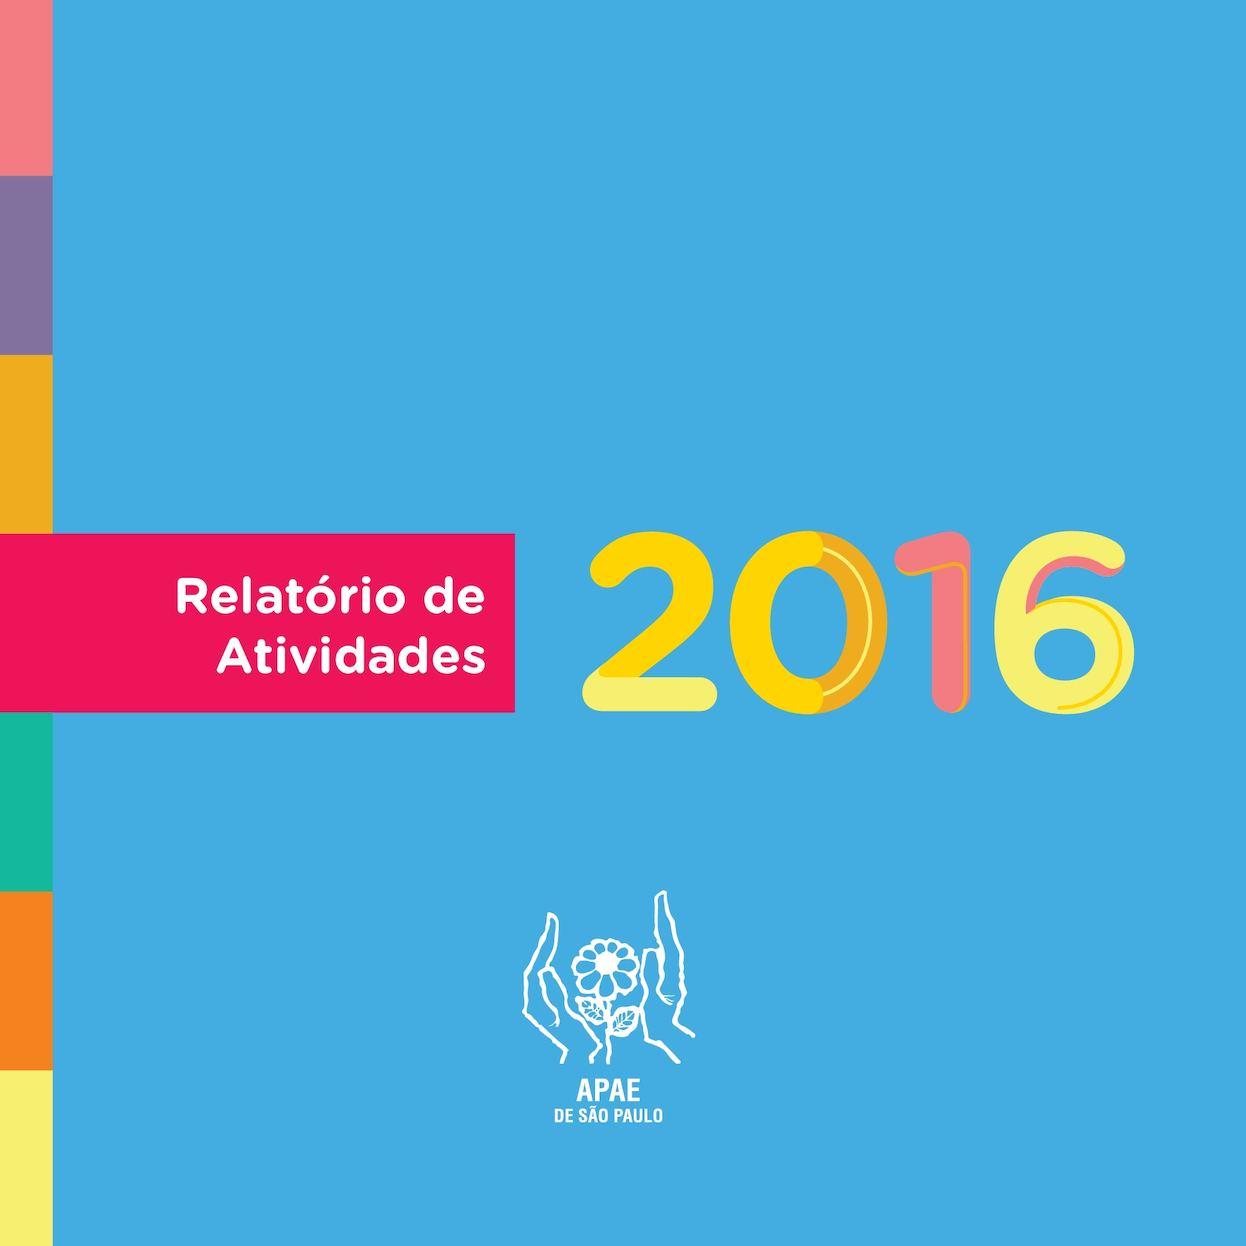 aeeffd8366a Calaméo - Relatório de Atividades 2016